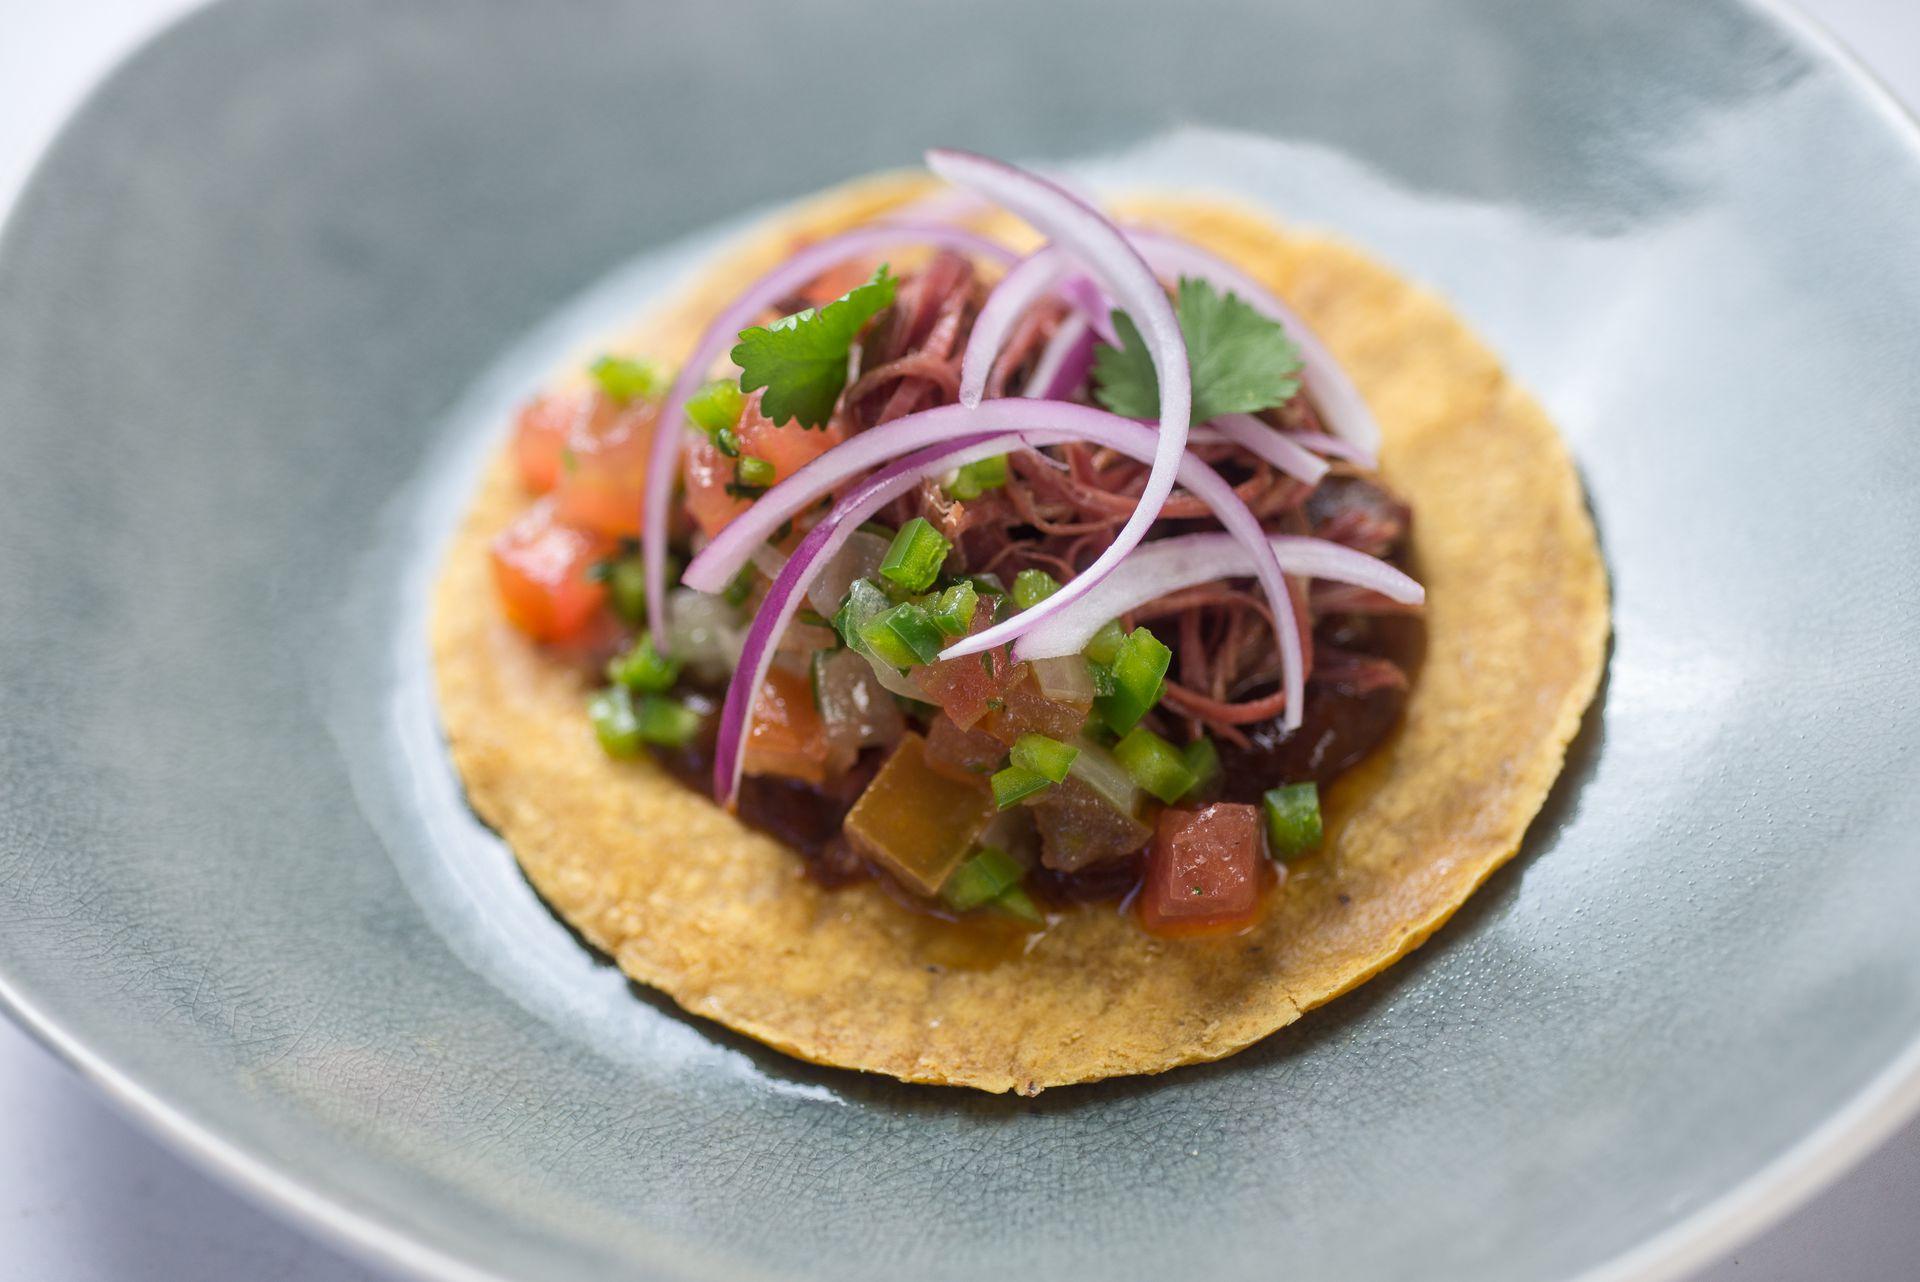 Este emprendimiento se propone ofrecer platos que reflejen lo más fielmente posible la riqueza de la gastronomía de México.